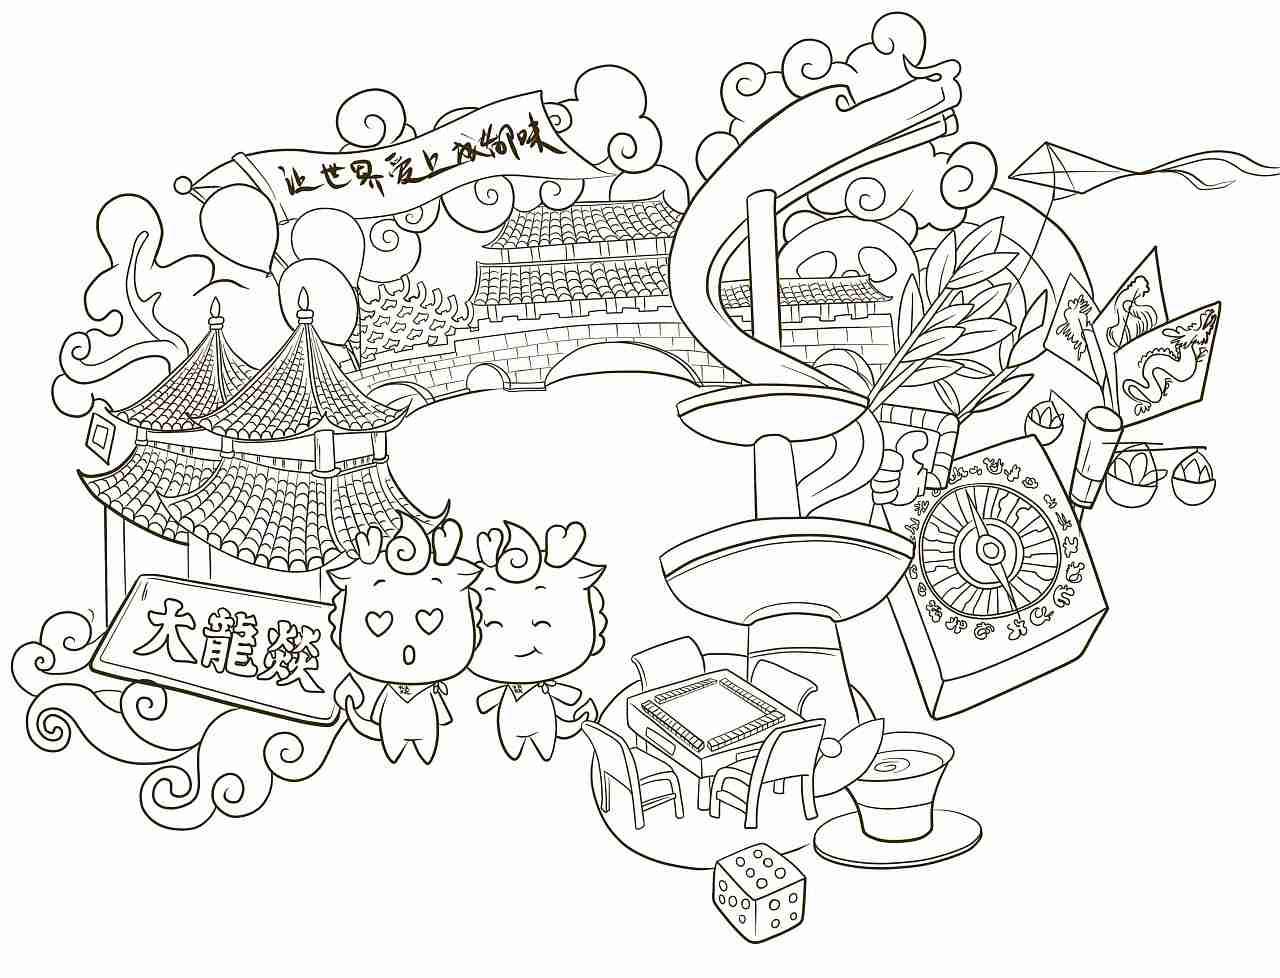 简笔画 设计 矢量 矢量图 手绘 素材 线稿 1280_978